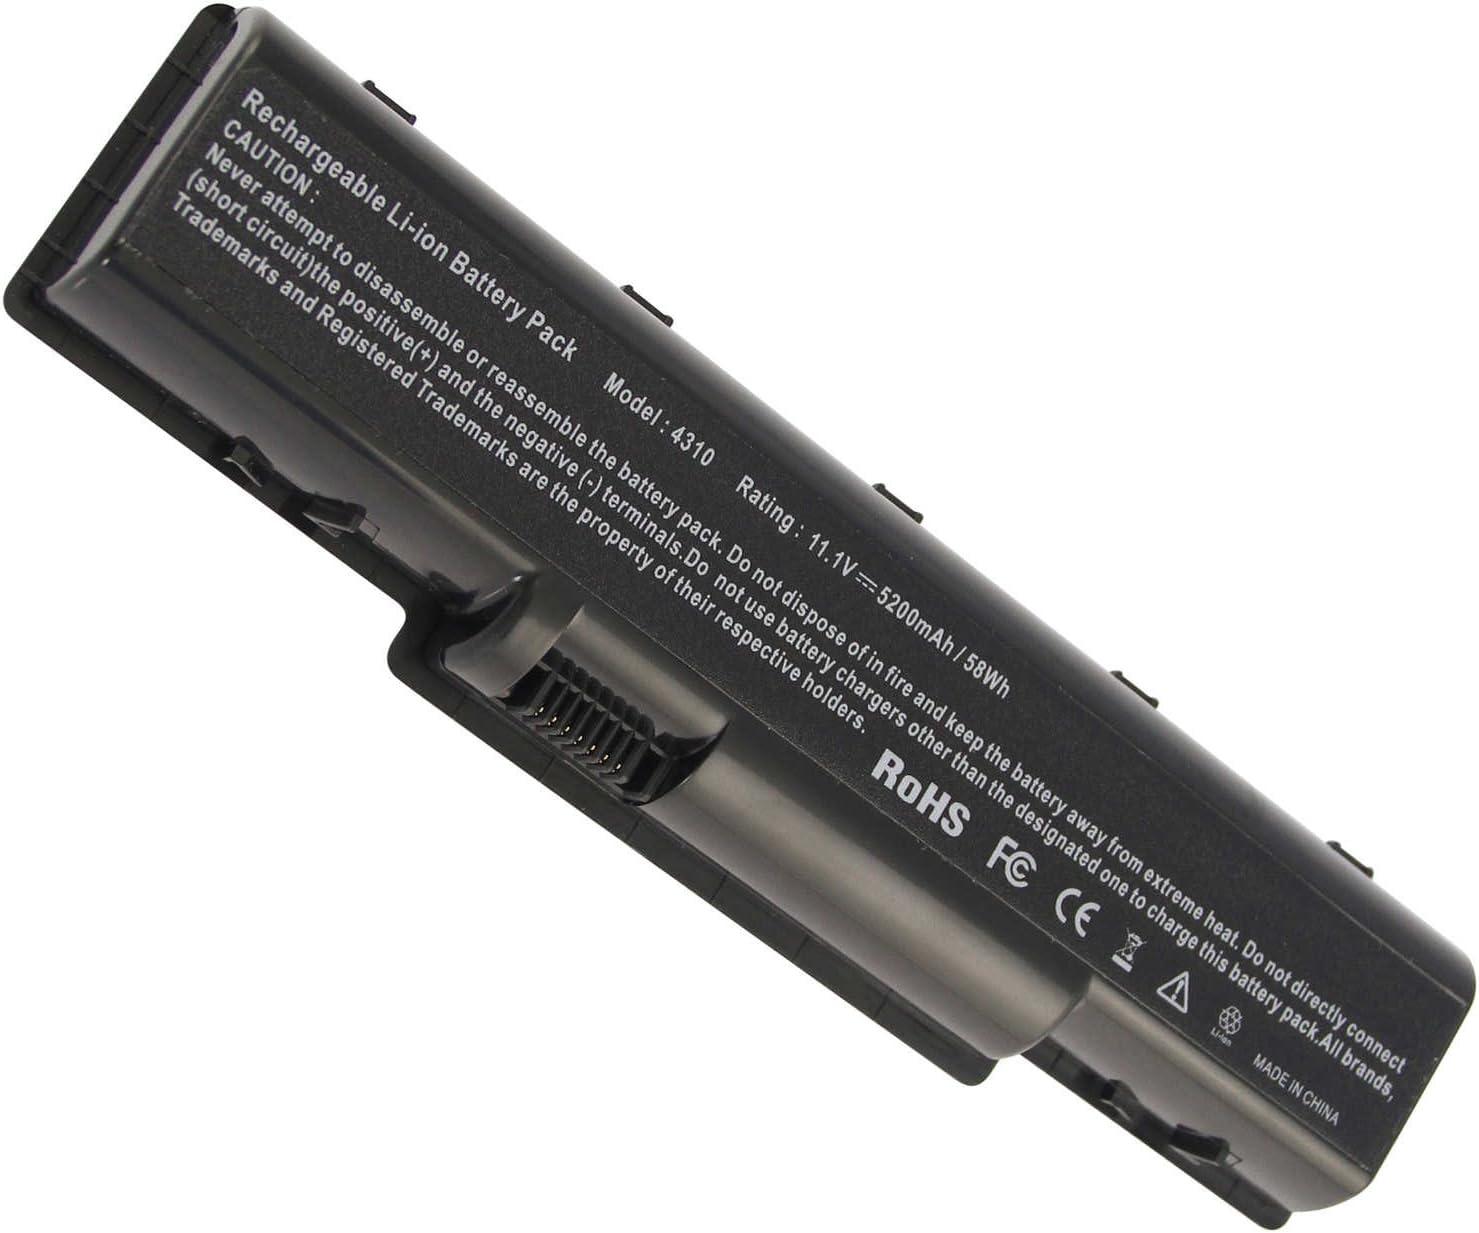 Fancy Buying Laptop Battery for Acer AK.006BT.020 AK.006BT.025 AS07A31 AS07A32 AS07A41 AS07A42 AS07A51 AS07A52 AS07A71 AS07A72 AS07A75 BT.00603.036 BT.00603.037 BT.00603.076 BT.00604.022 BT.00604.023